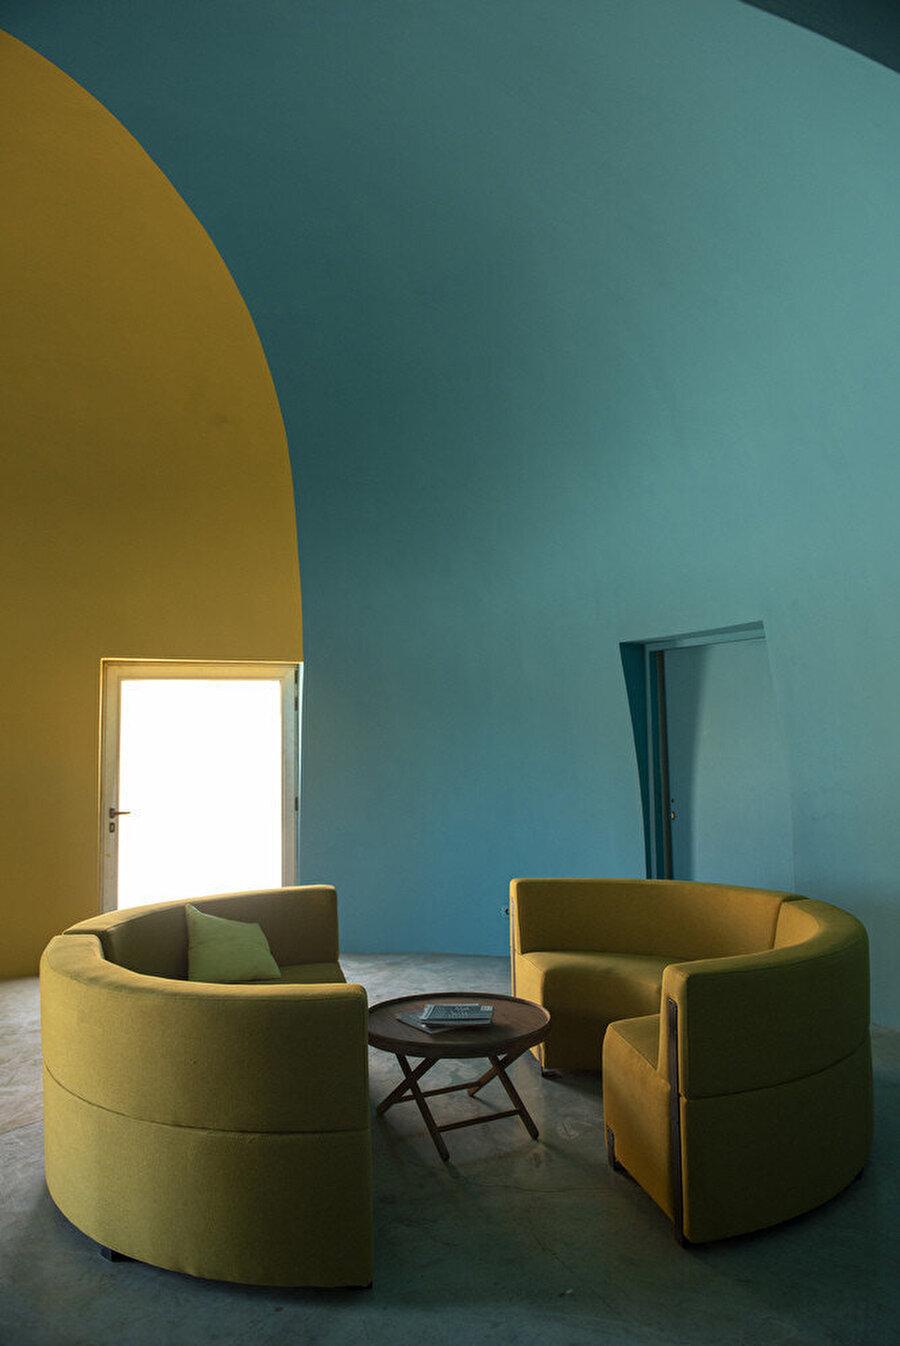 İç mekanda kullanılan mobilyaların şekilleri de tasarım kurgusuna uyum sağlıyor.